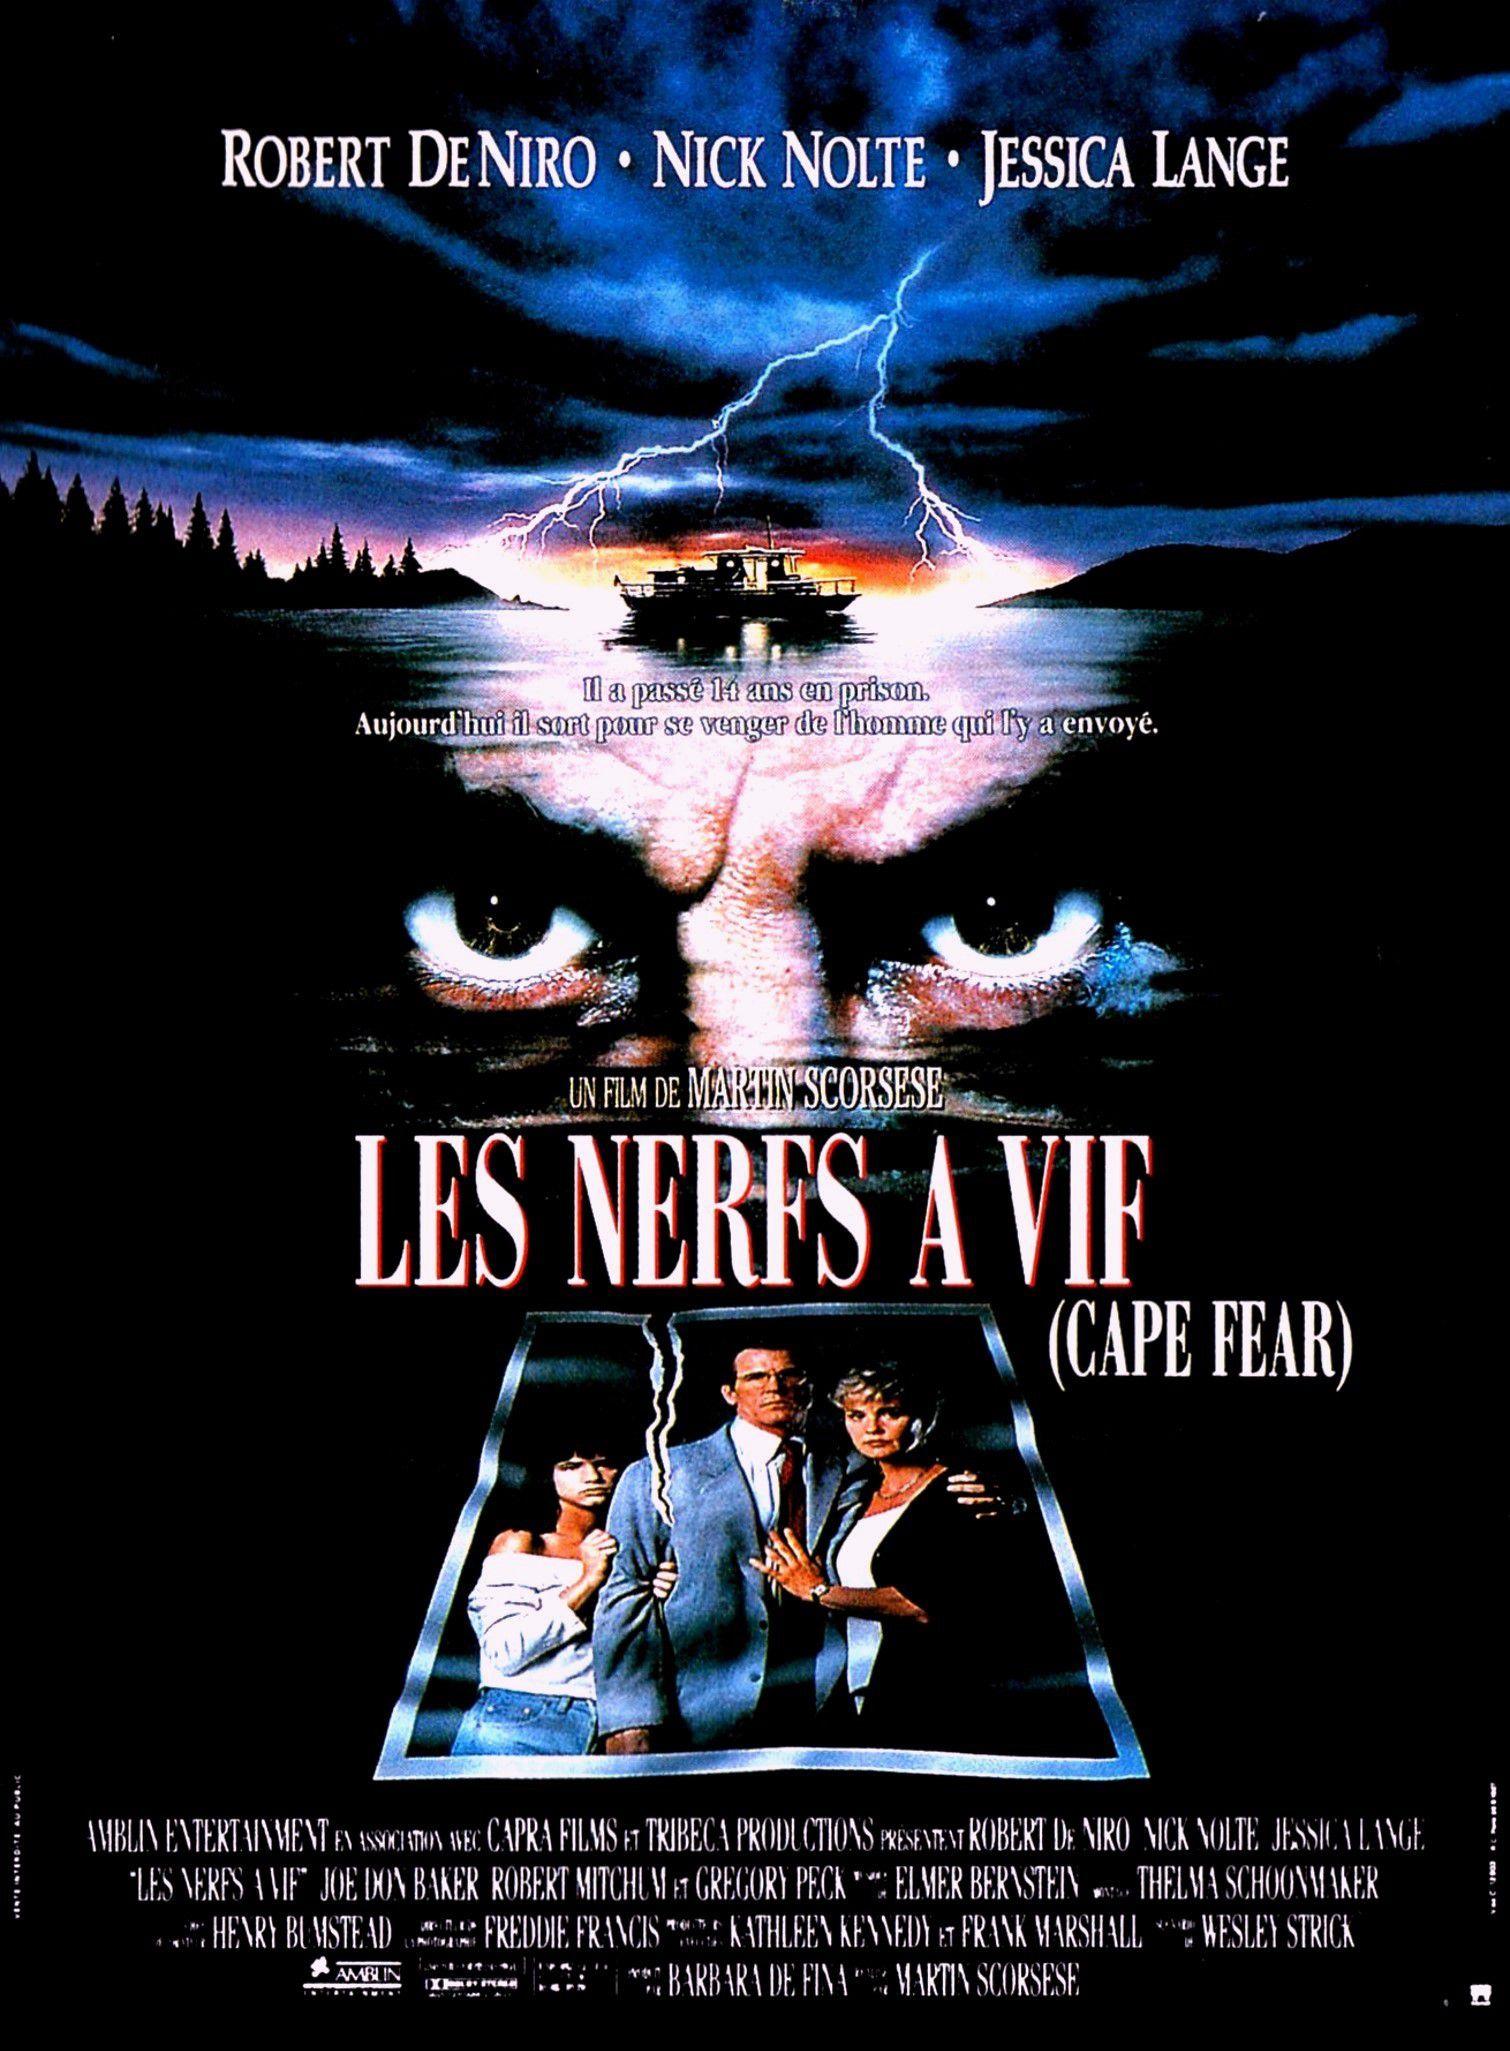 affiche du film Les nerfs à vif (1991)